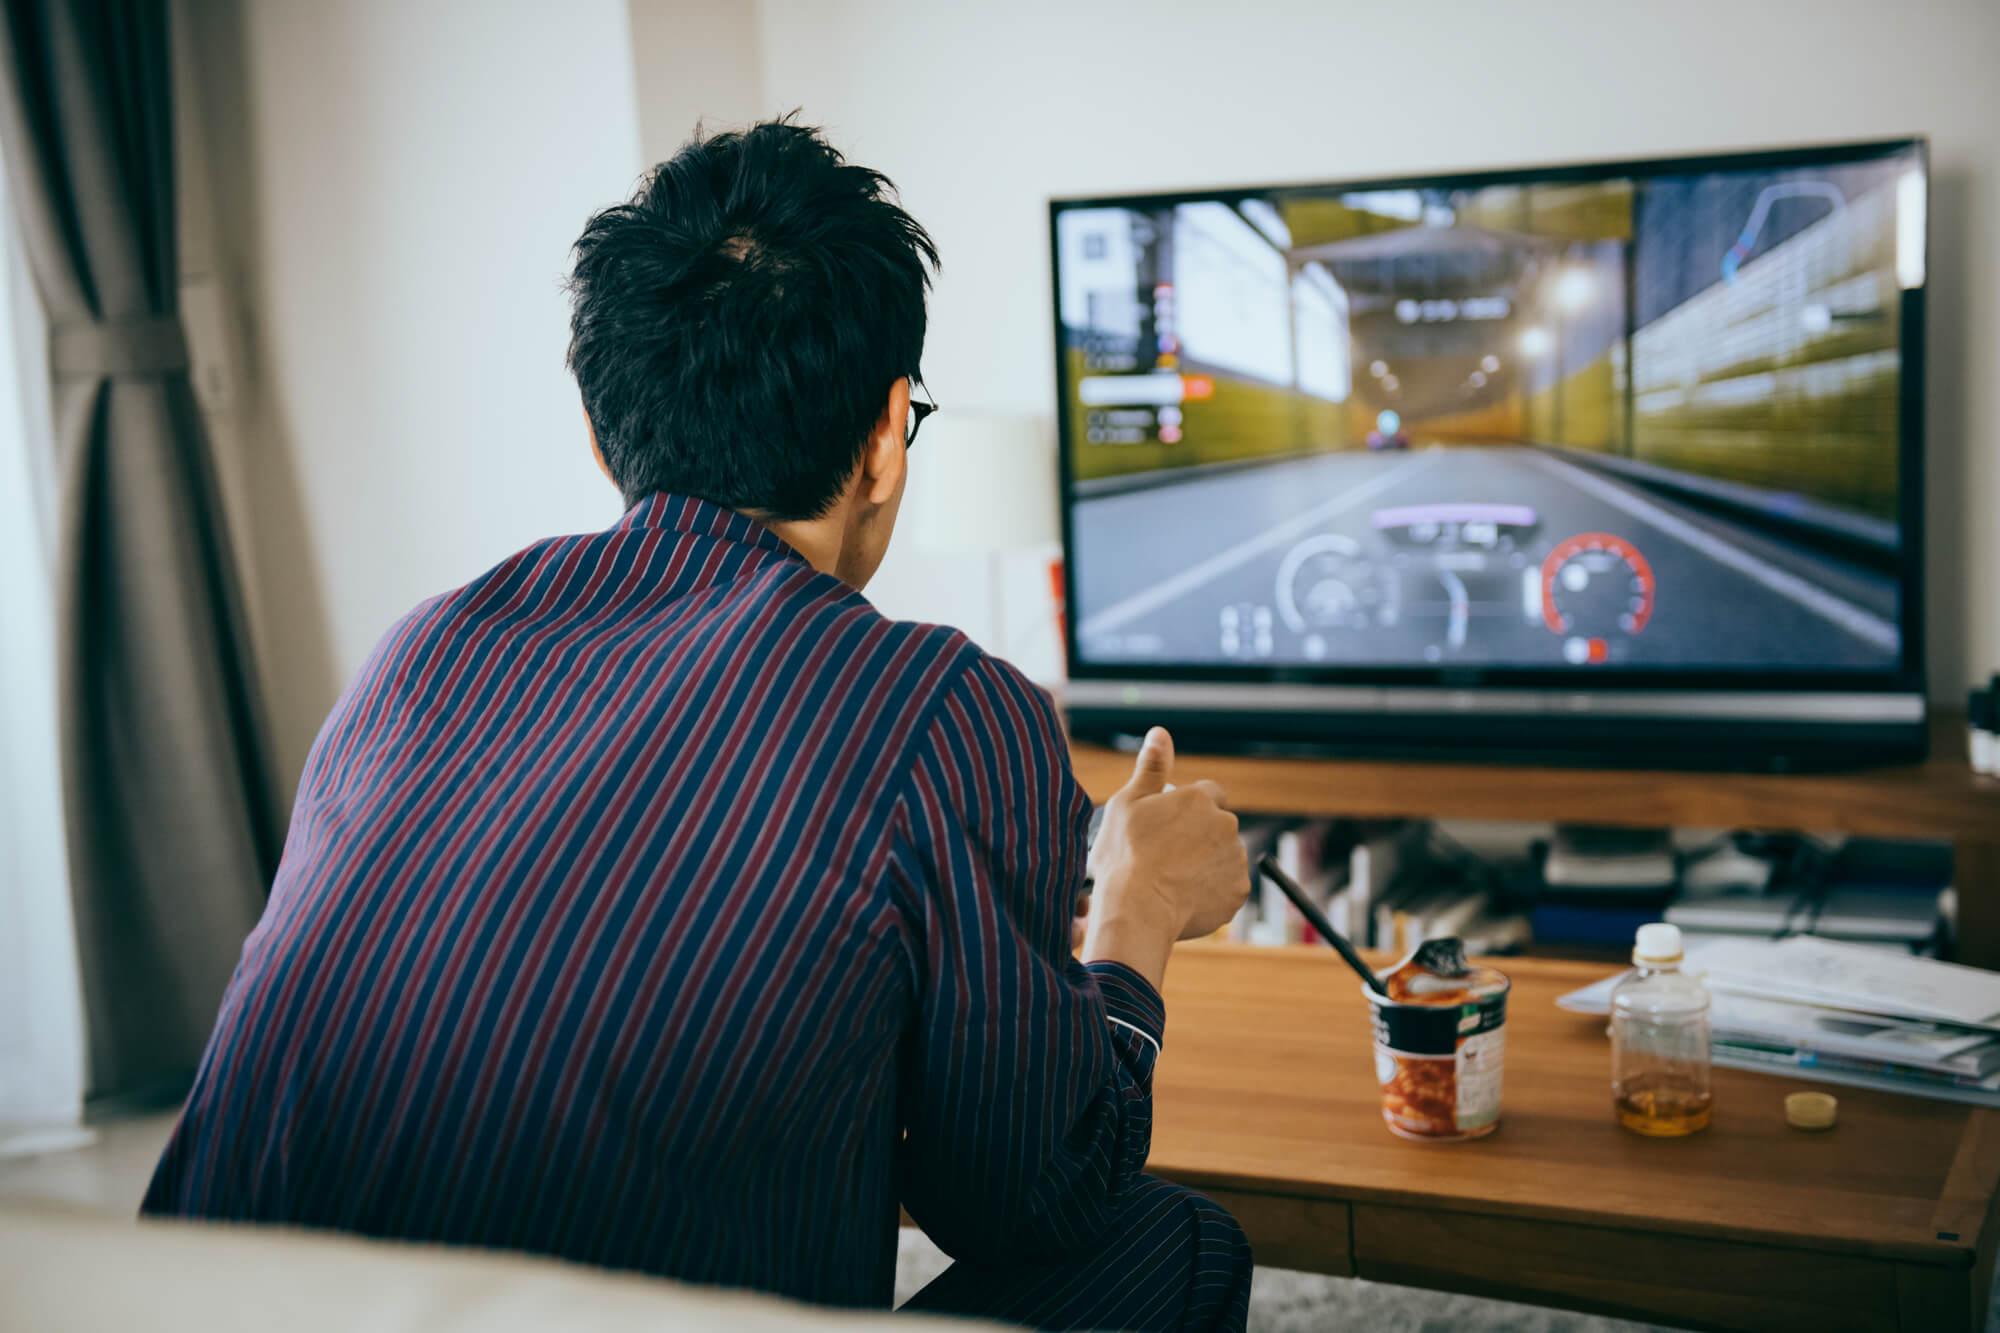 ゲームを楽しむ男性